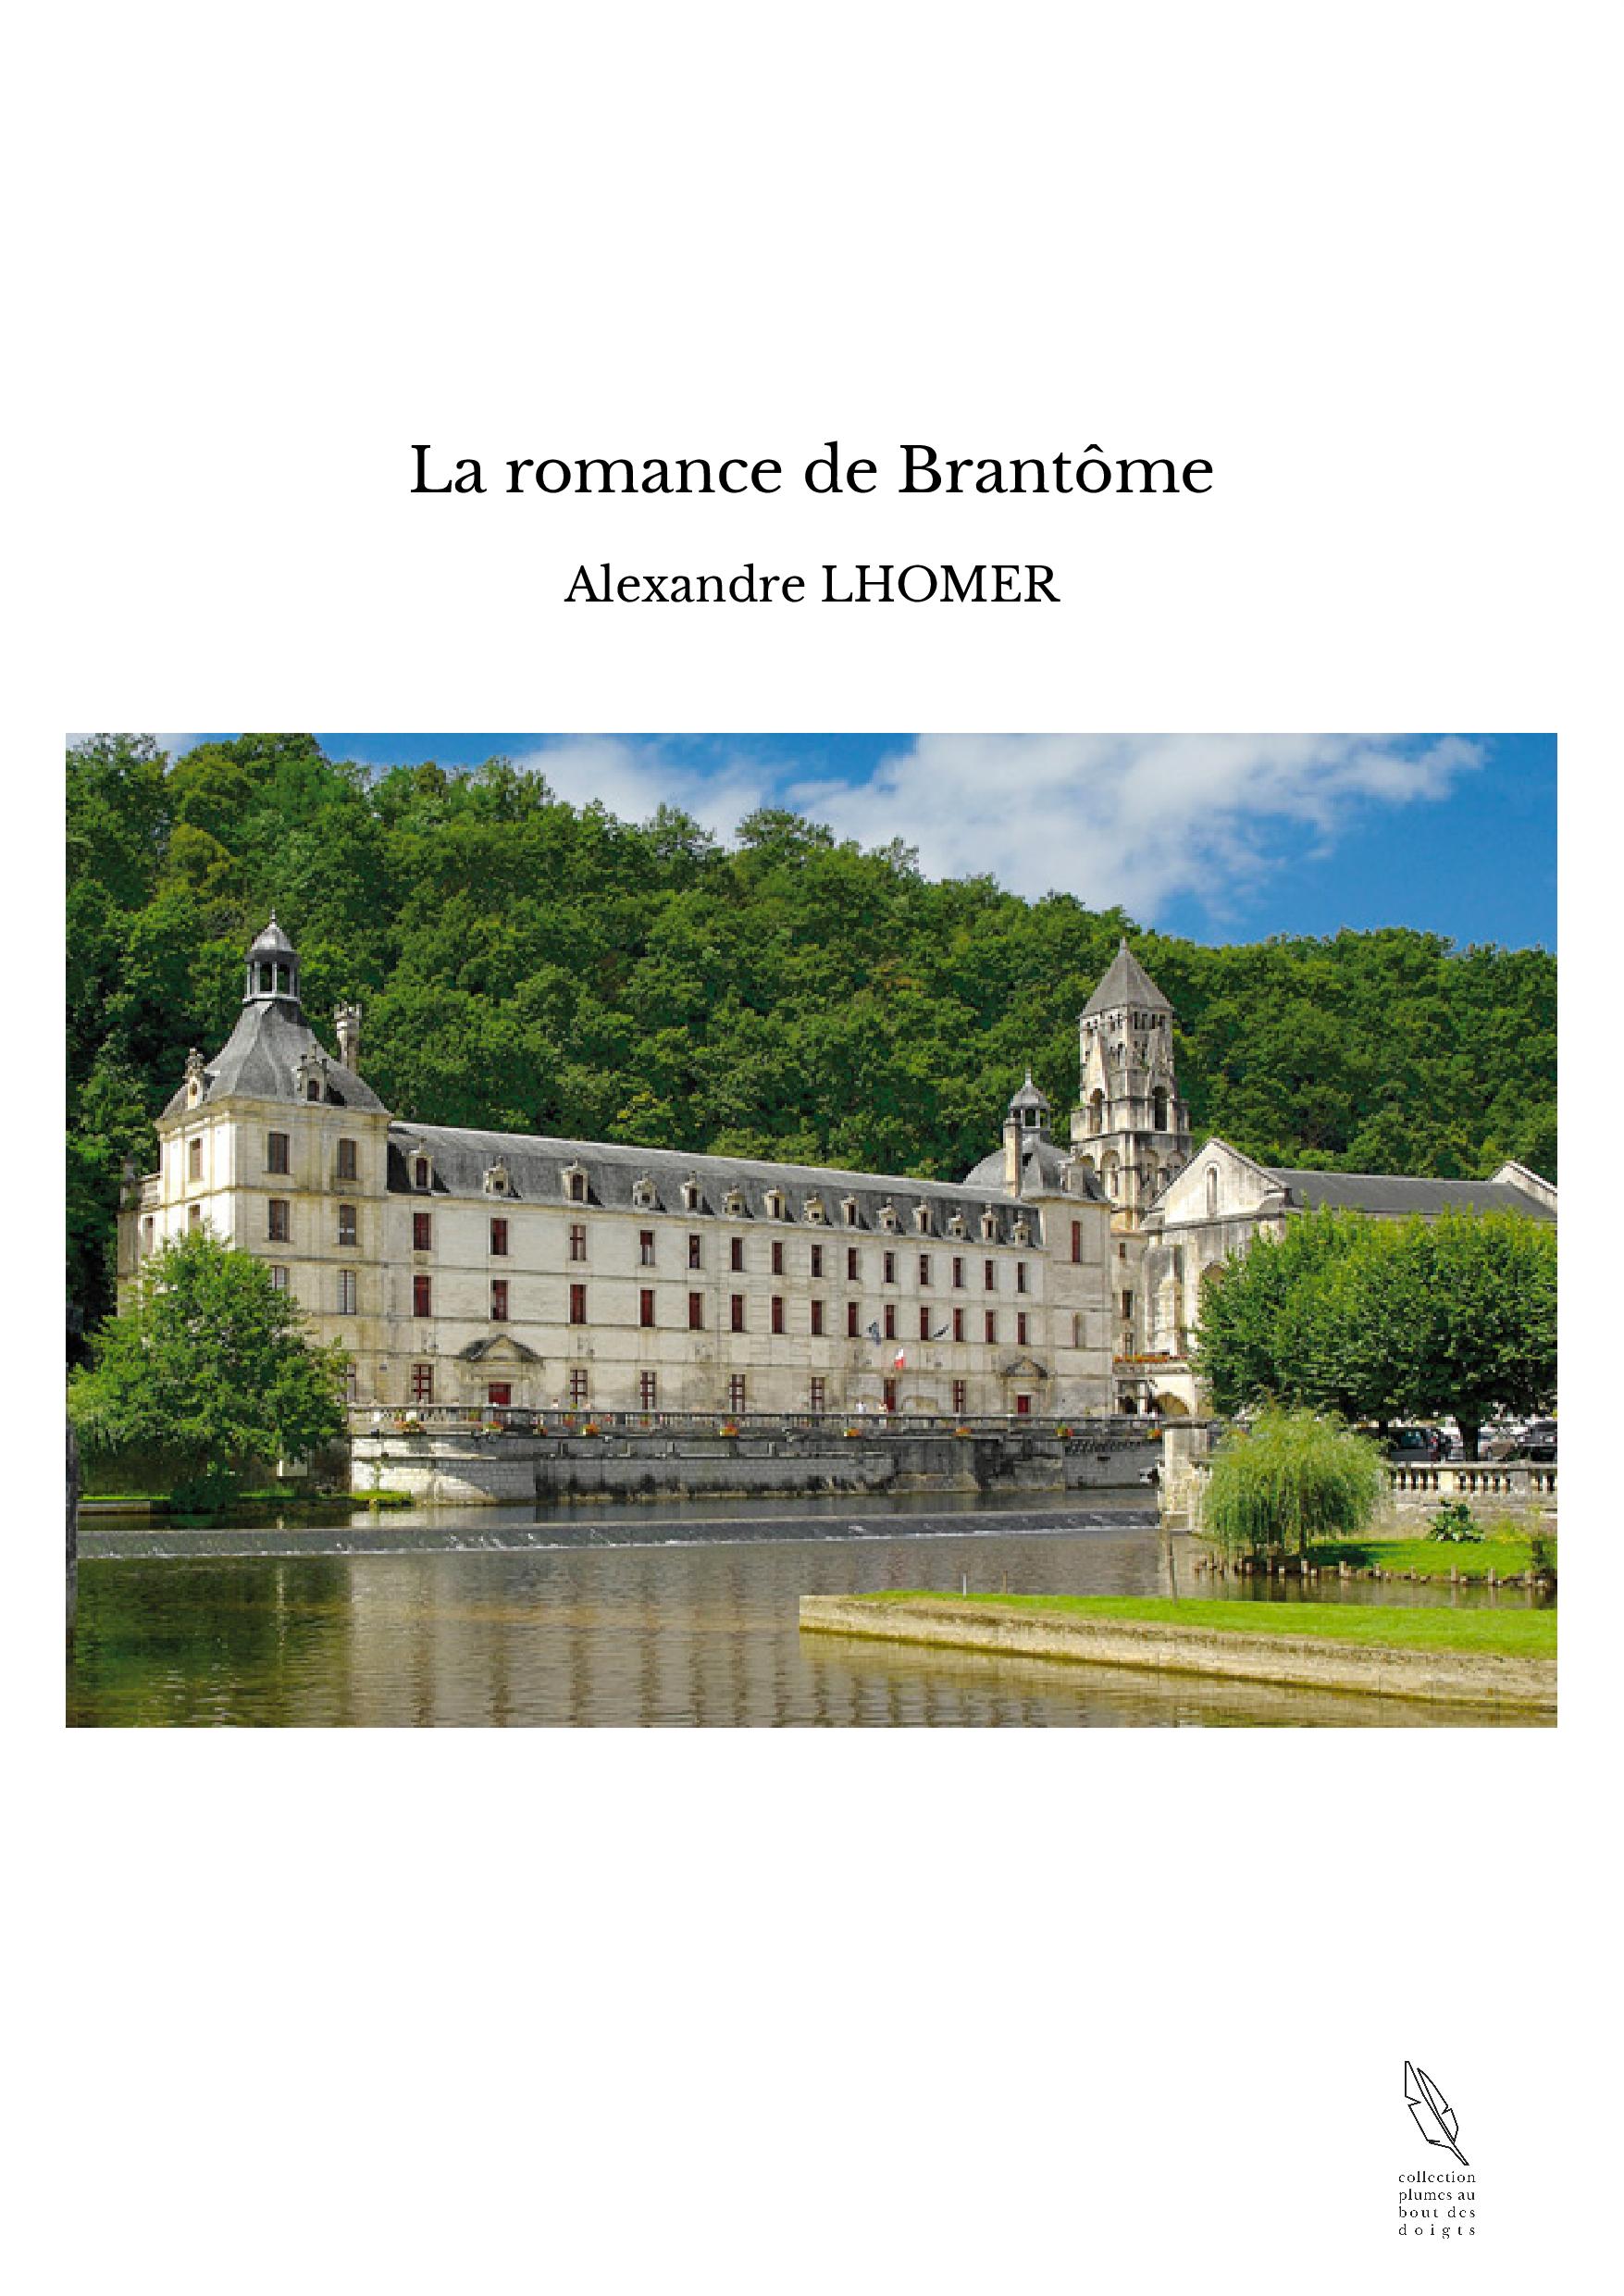 La romance de Brantôme